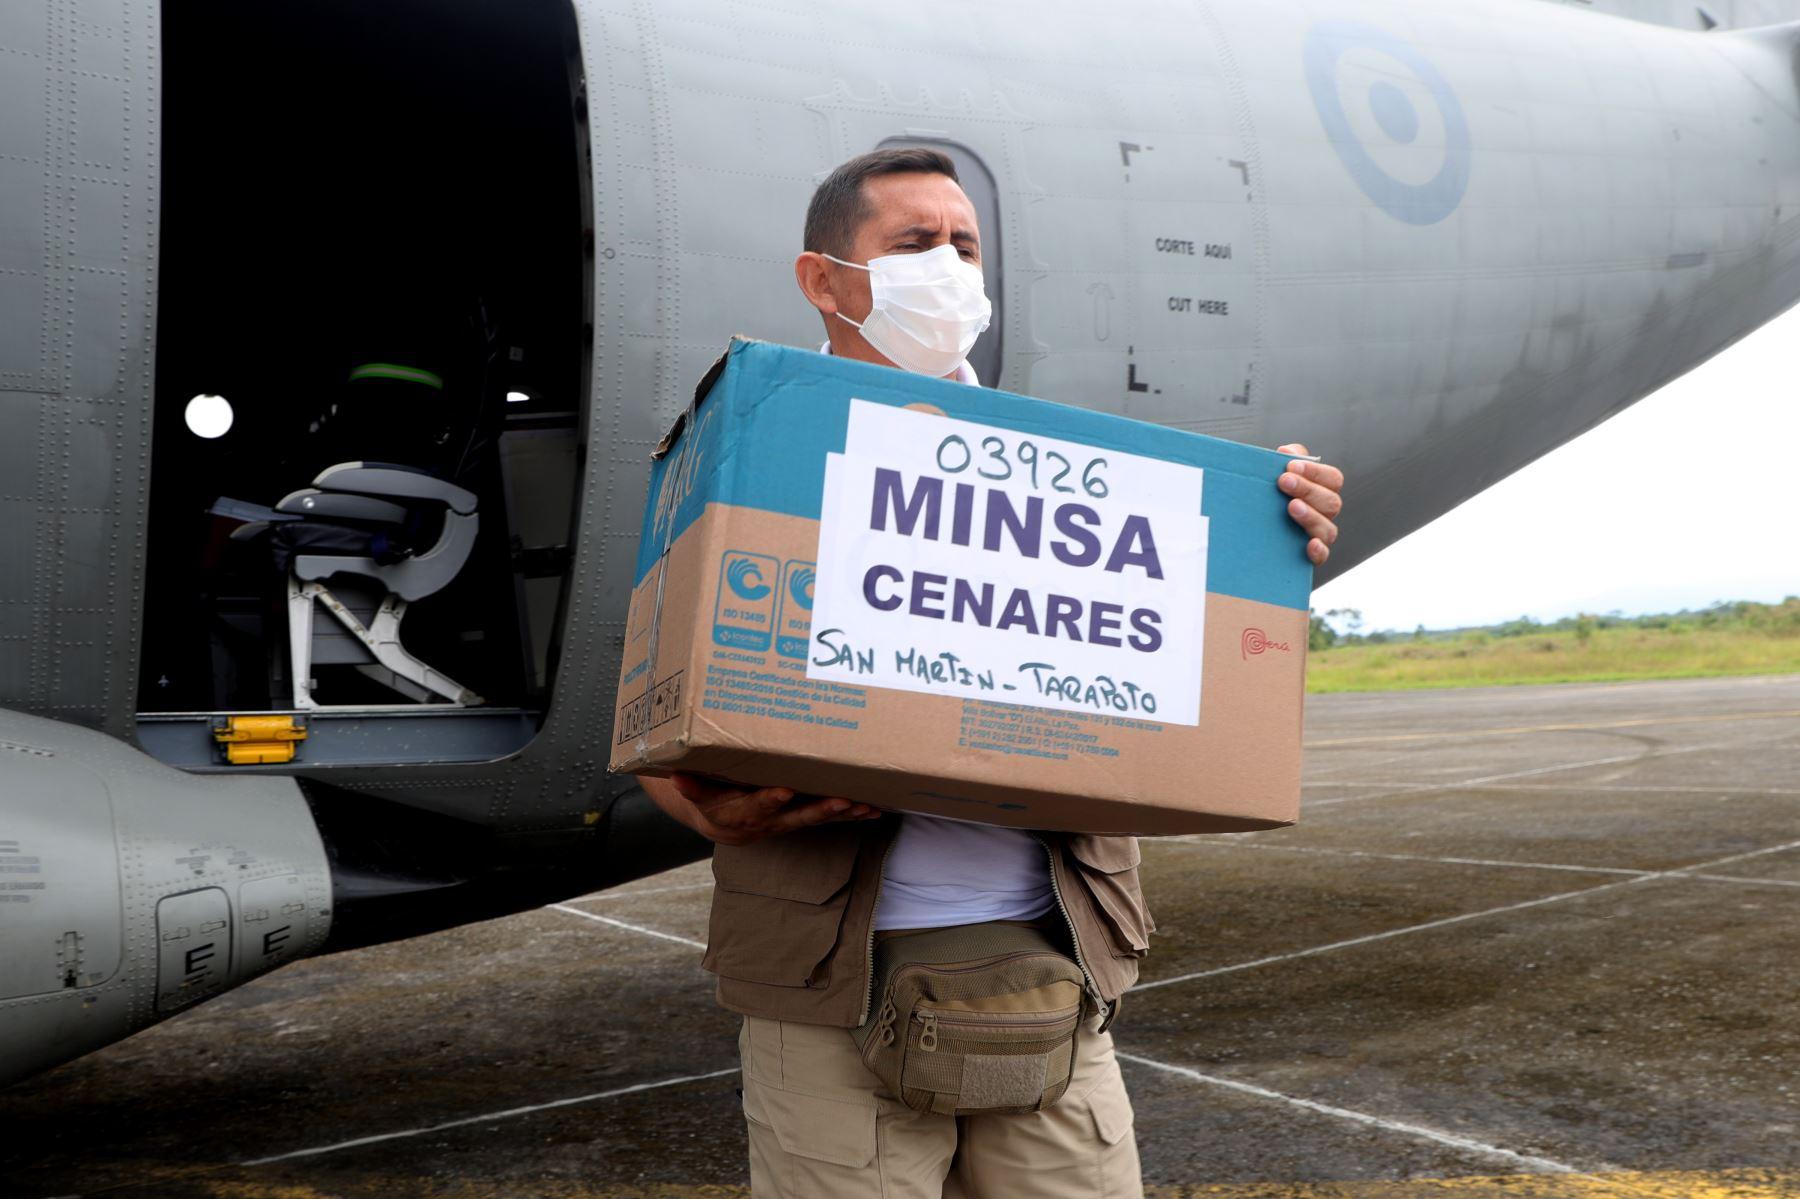 El presidente Francisco Sagasti llega a la región San Martín para la entrega de equipamiento médico, supervisión al hospital de Rioja y visita a la granja ganadera de Calzada. Foto: ANDINA/Prensa Presidencia